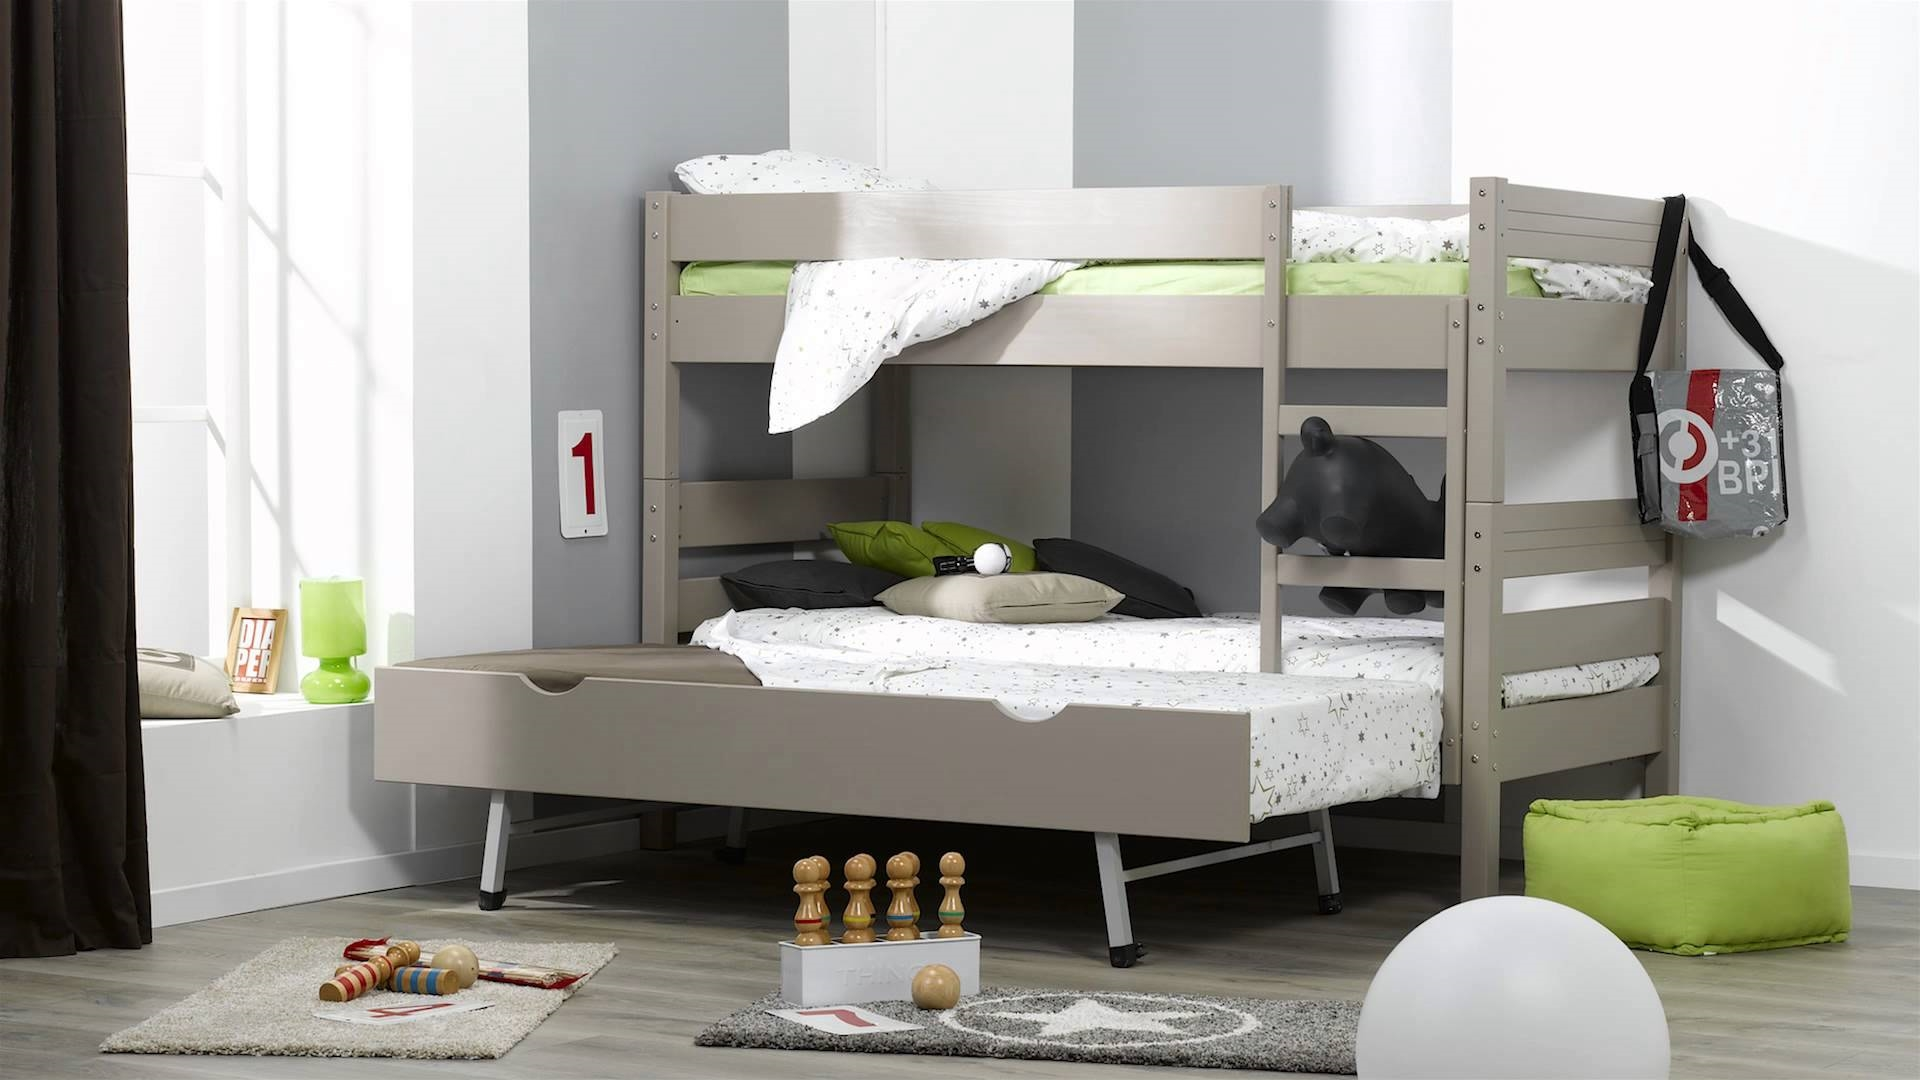 Letti a castello cura dei mobili prezzi e modelli dei for Letti a castello per 3 bambini